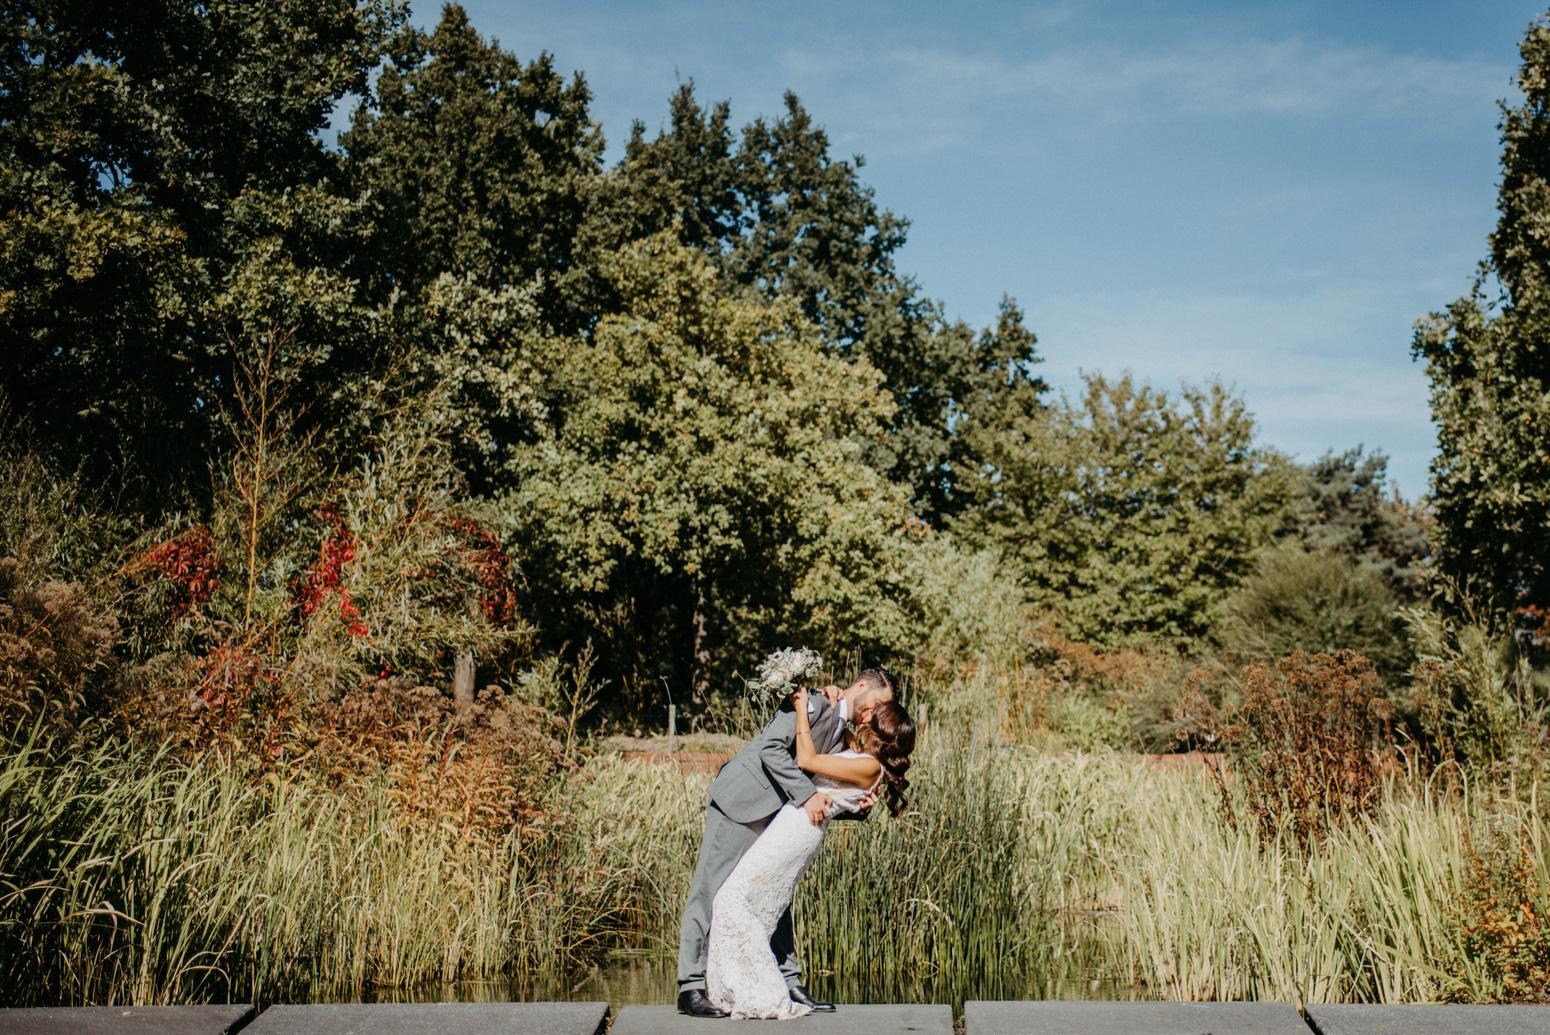 Brautpaarshooting in Mülheim an der Ruhr, Hochzeitsfotografie Genuine Bonds